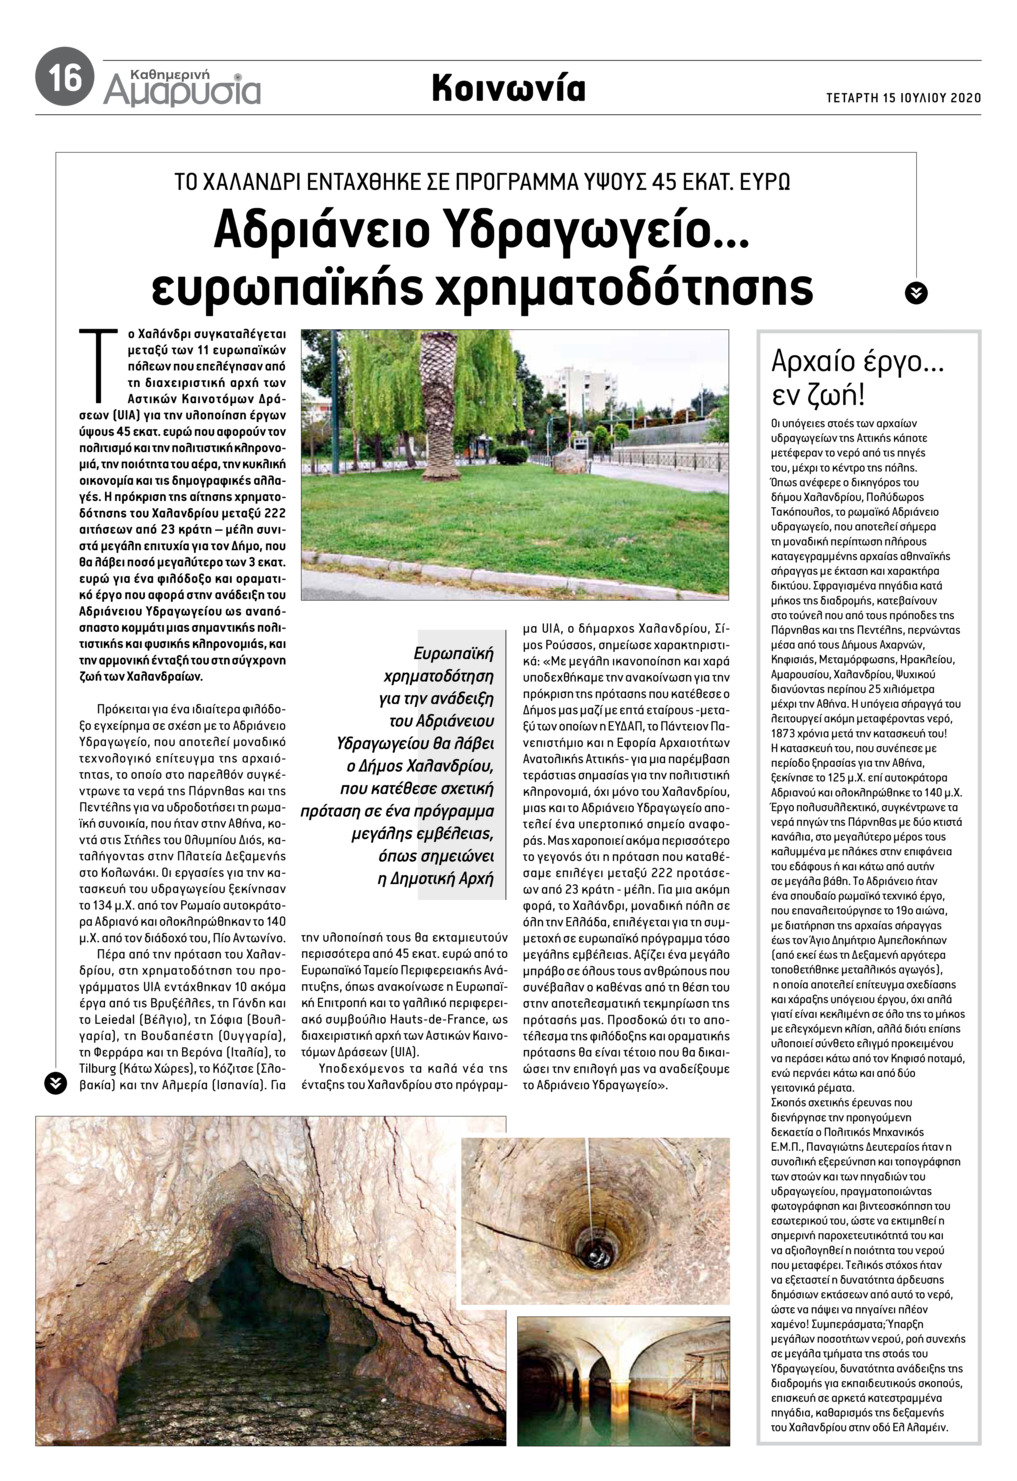 Οπισθόφυλλο εφημερίδας Αμαρυσία